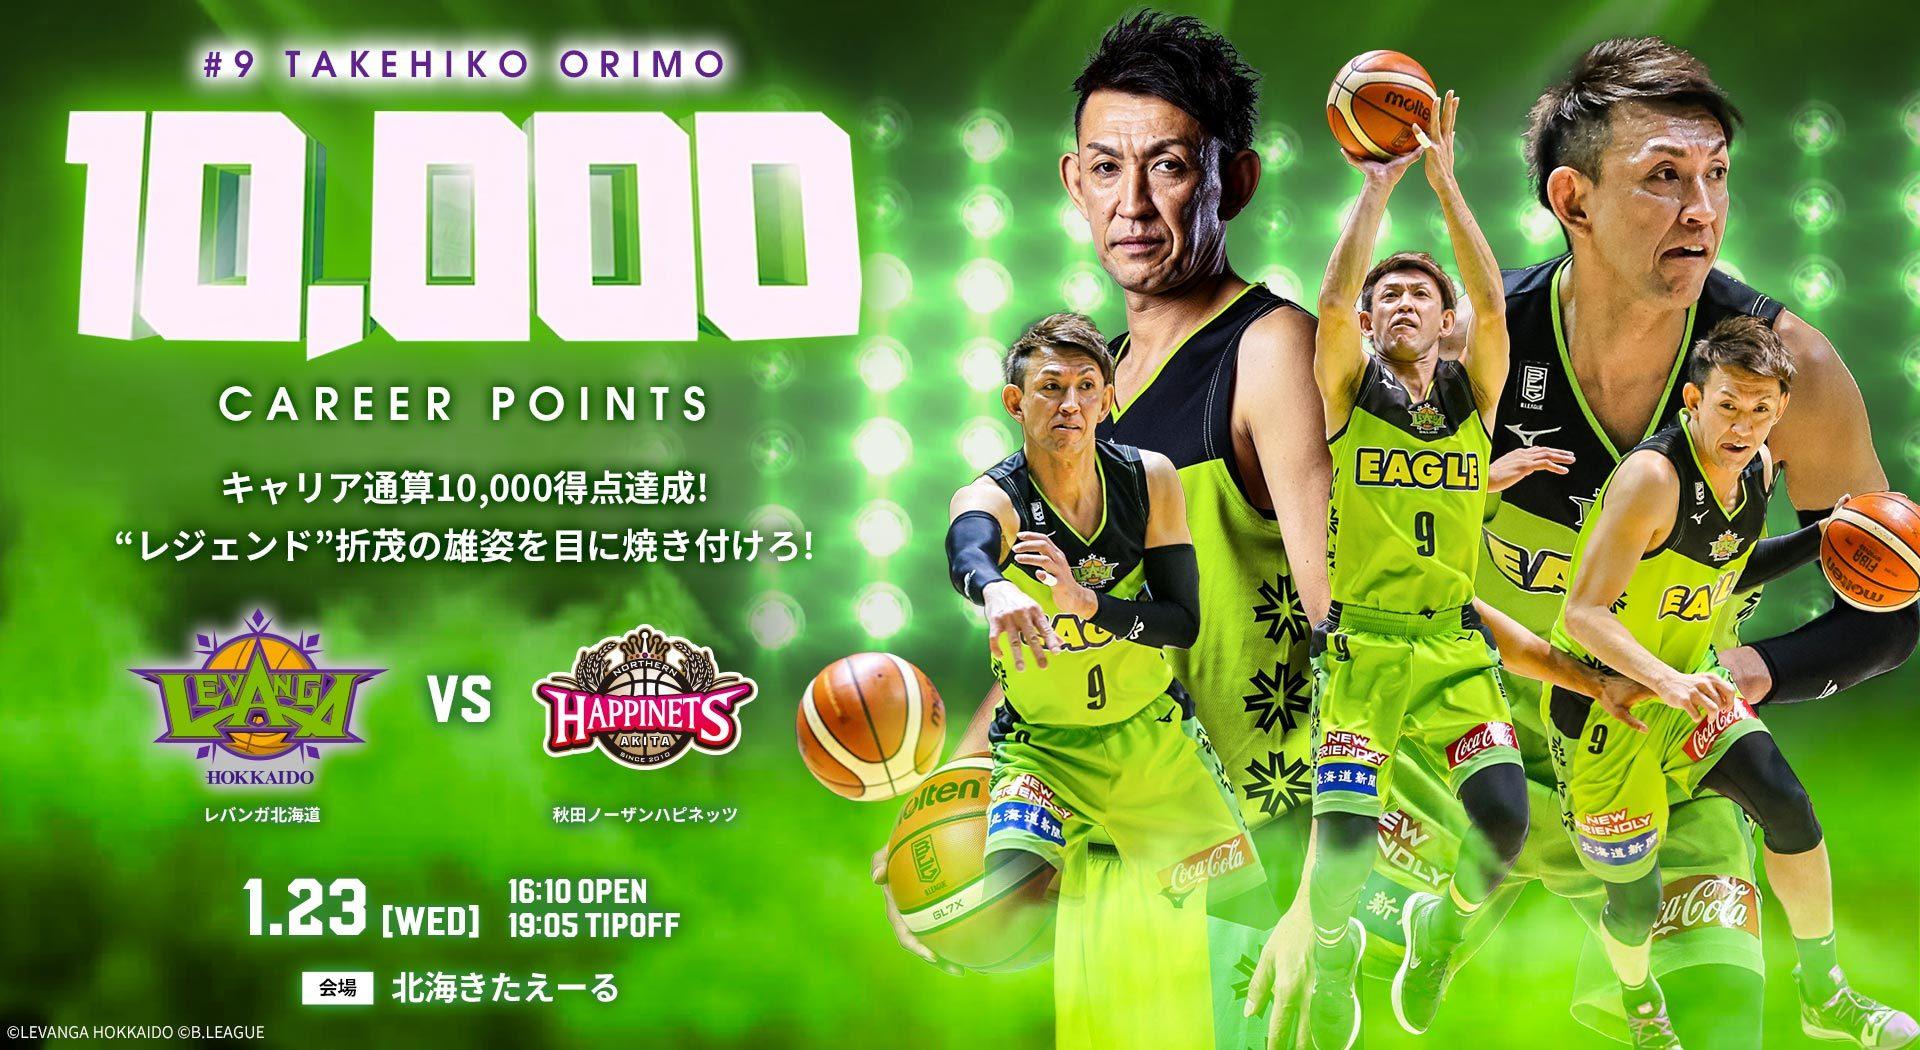 折茂武彦選手のキャリア10,000得点を記念して、記念ボードやクリアファイルを来場者にプレゼントする